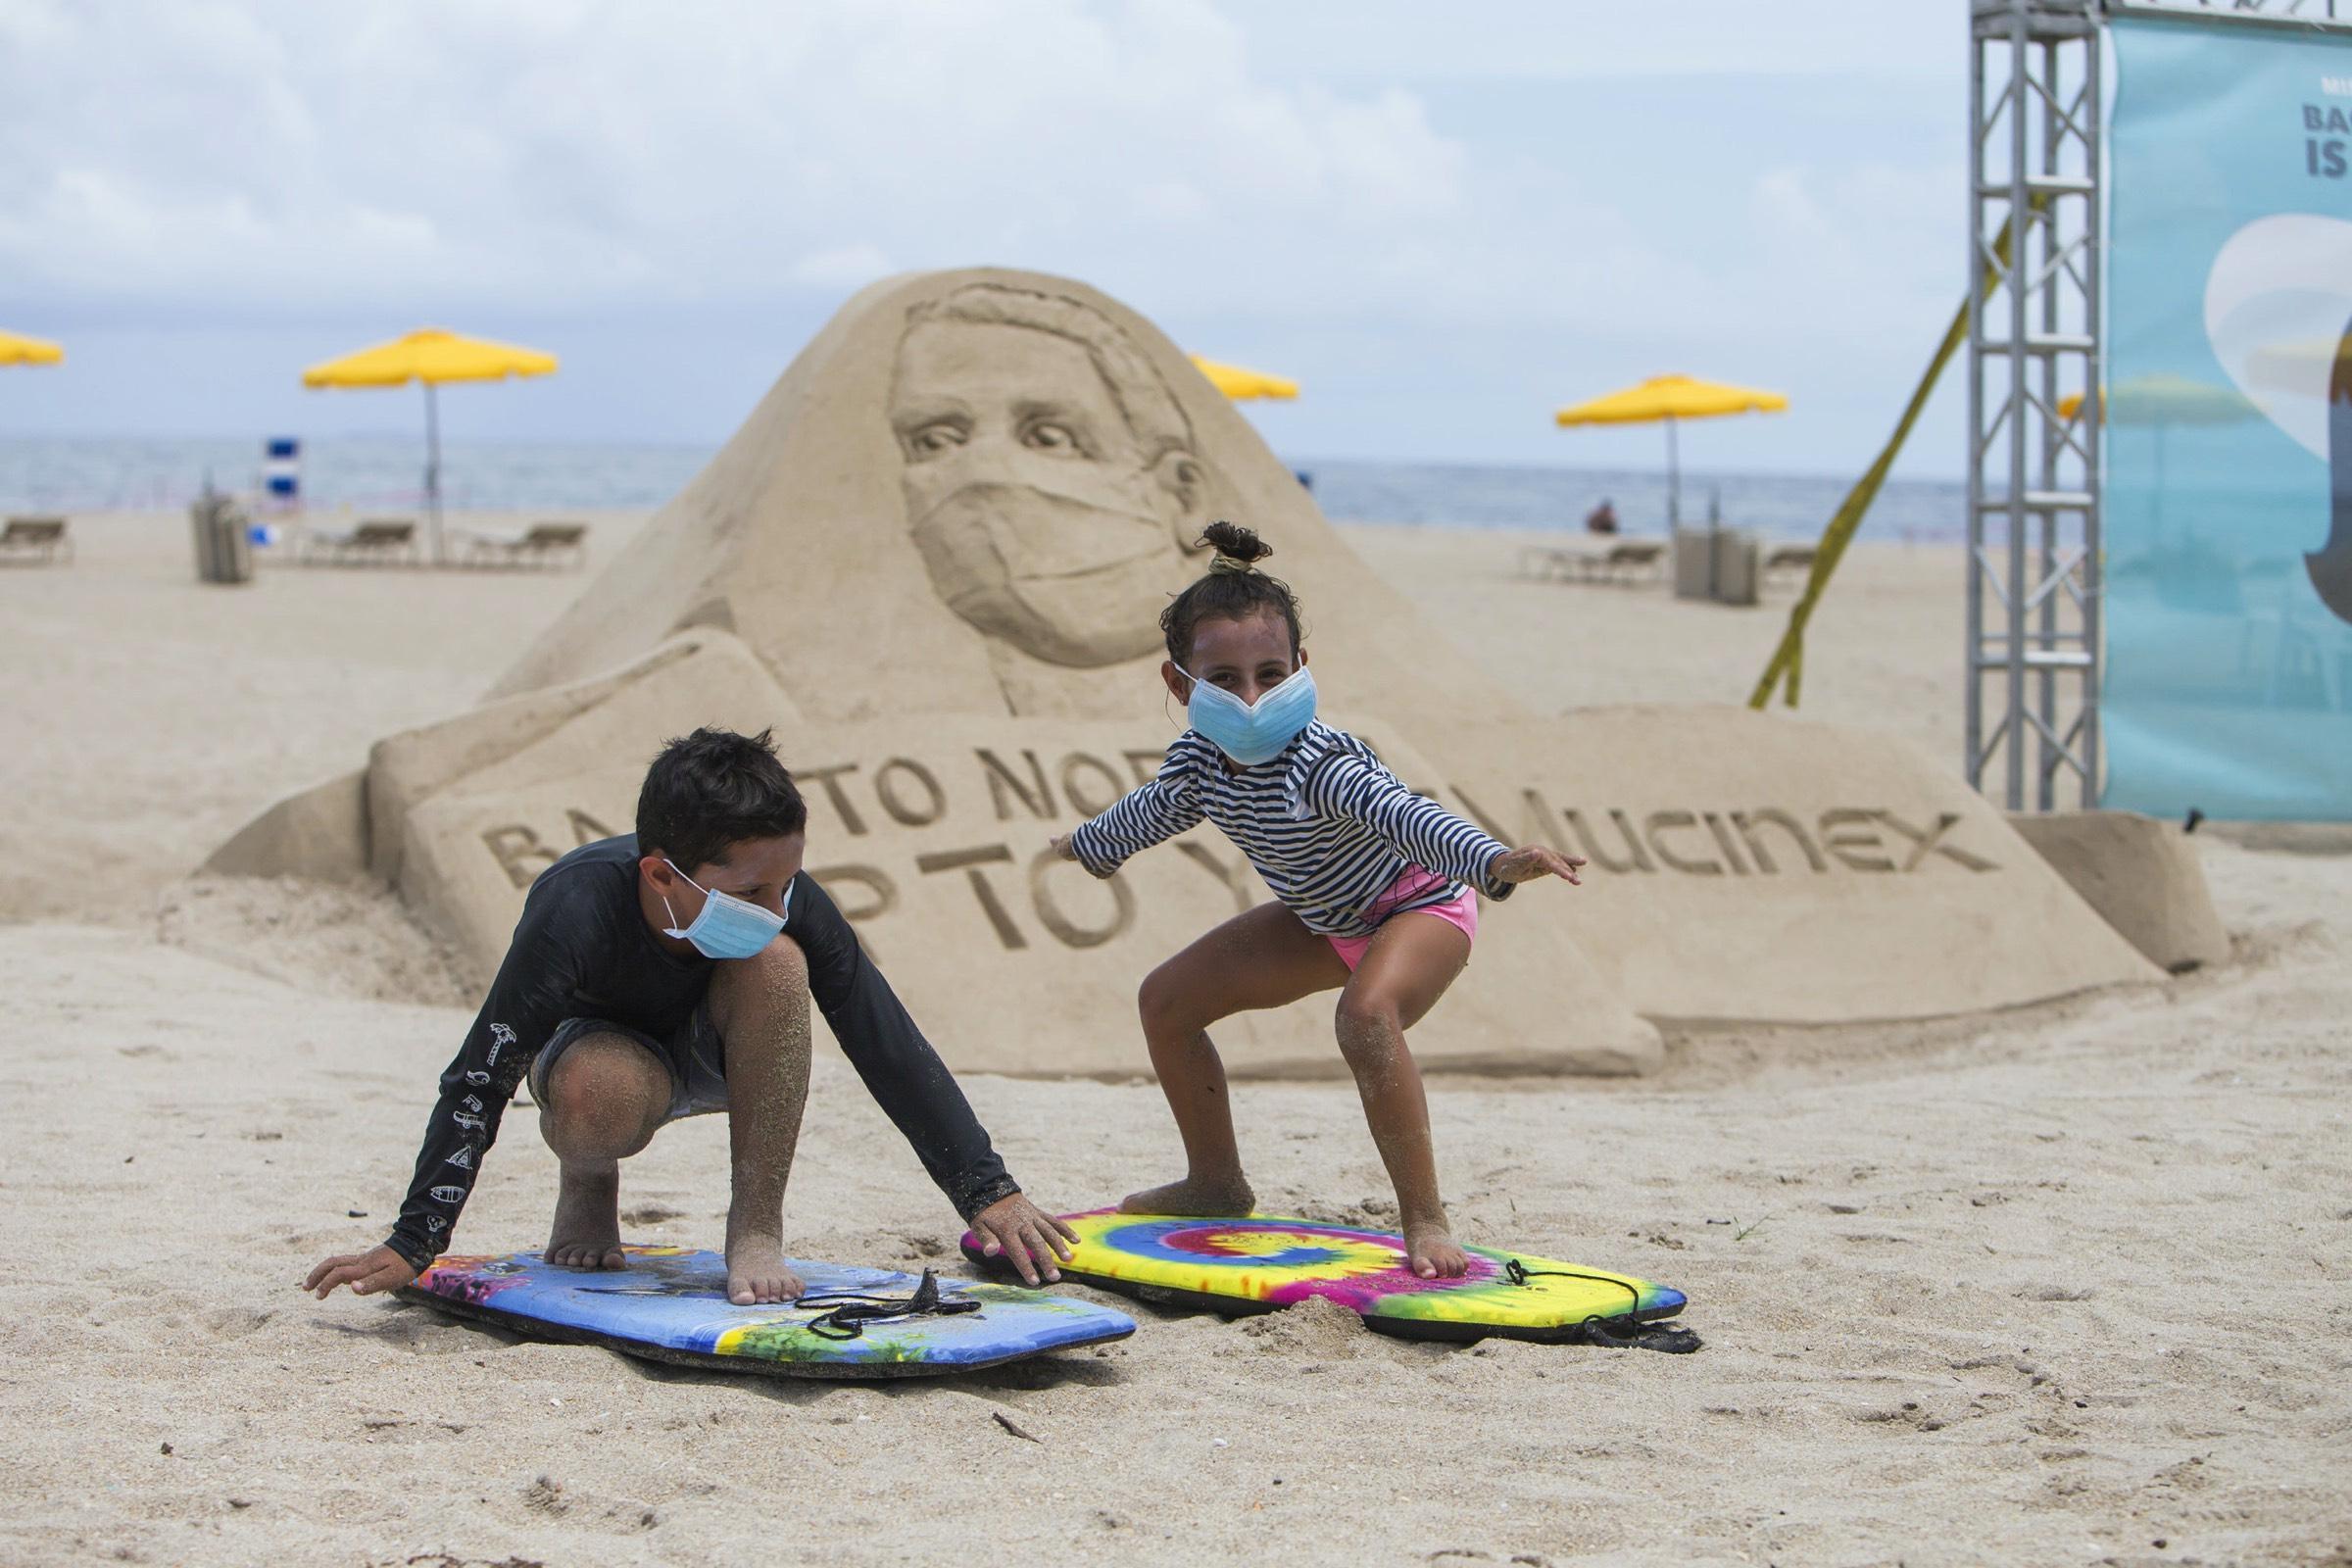 Mucinex - Wear a mask (Sand sculpture 3)